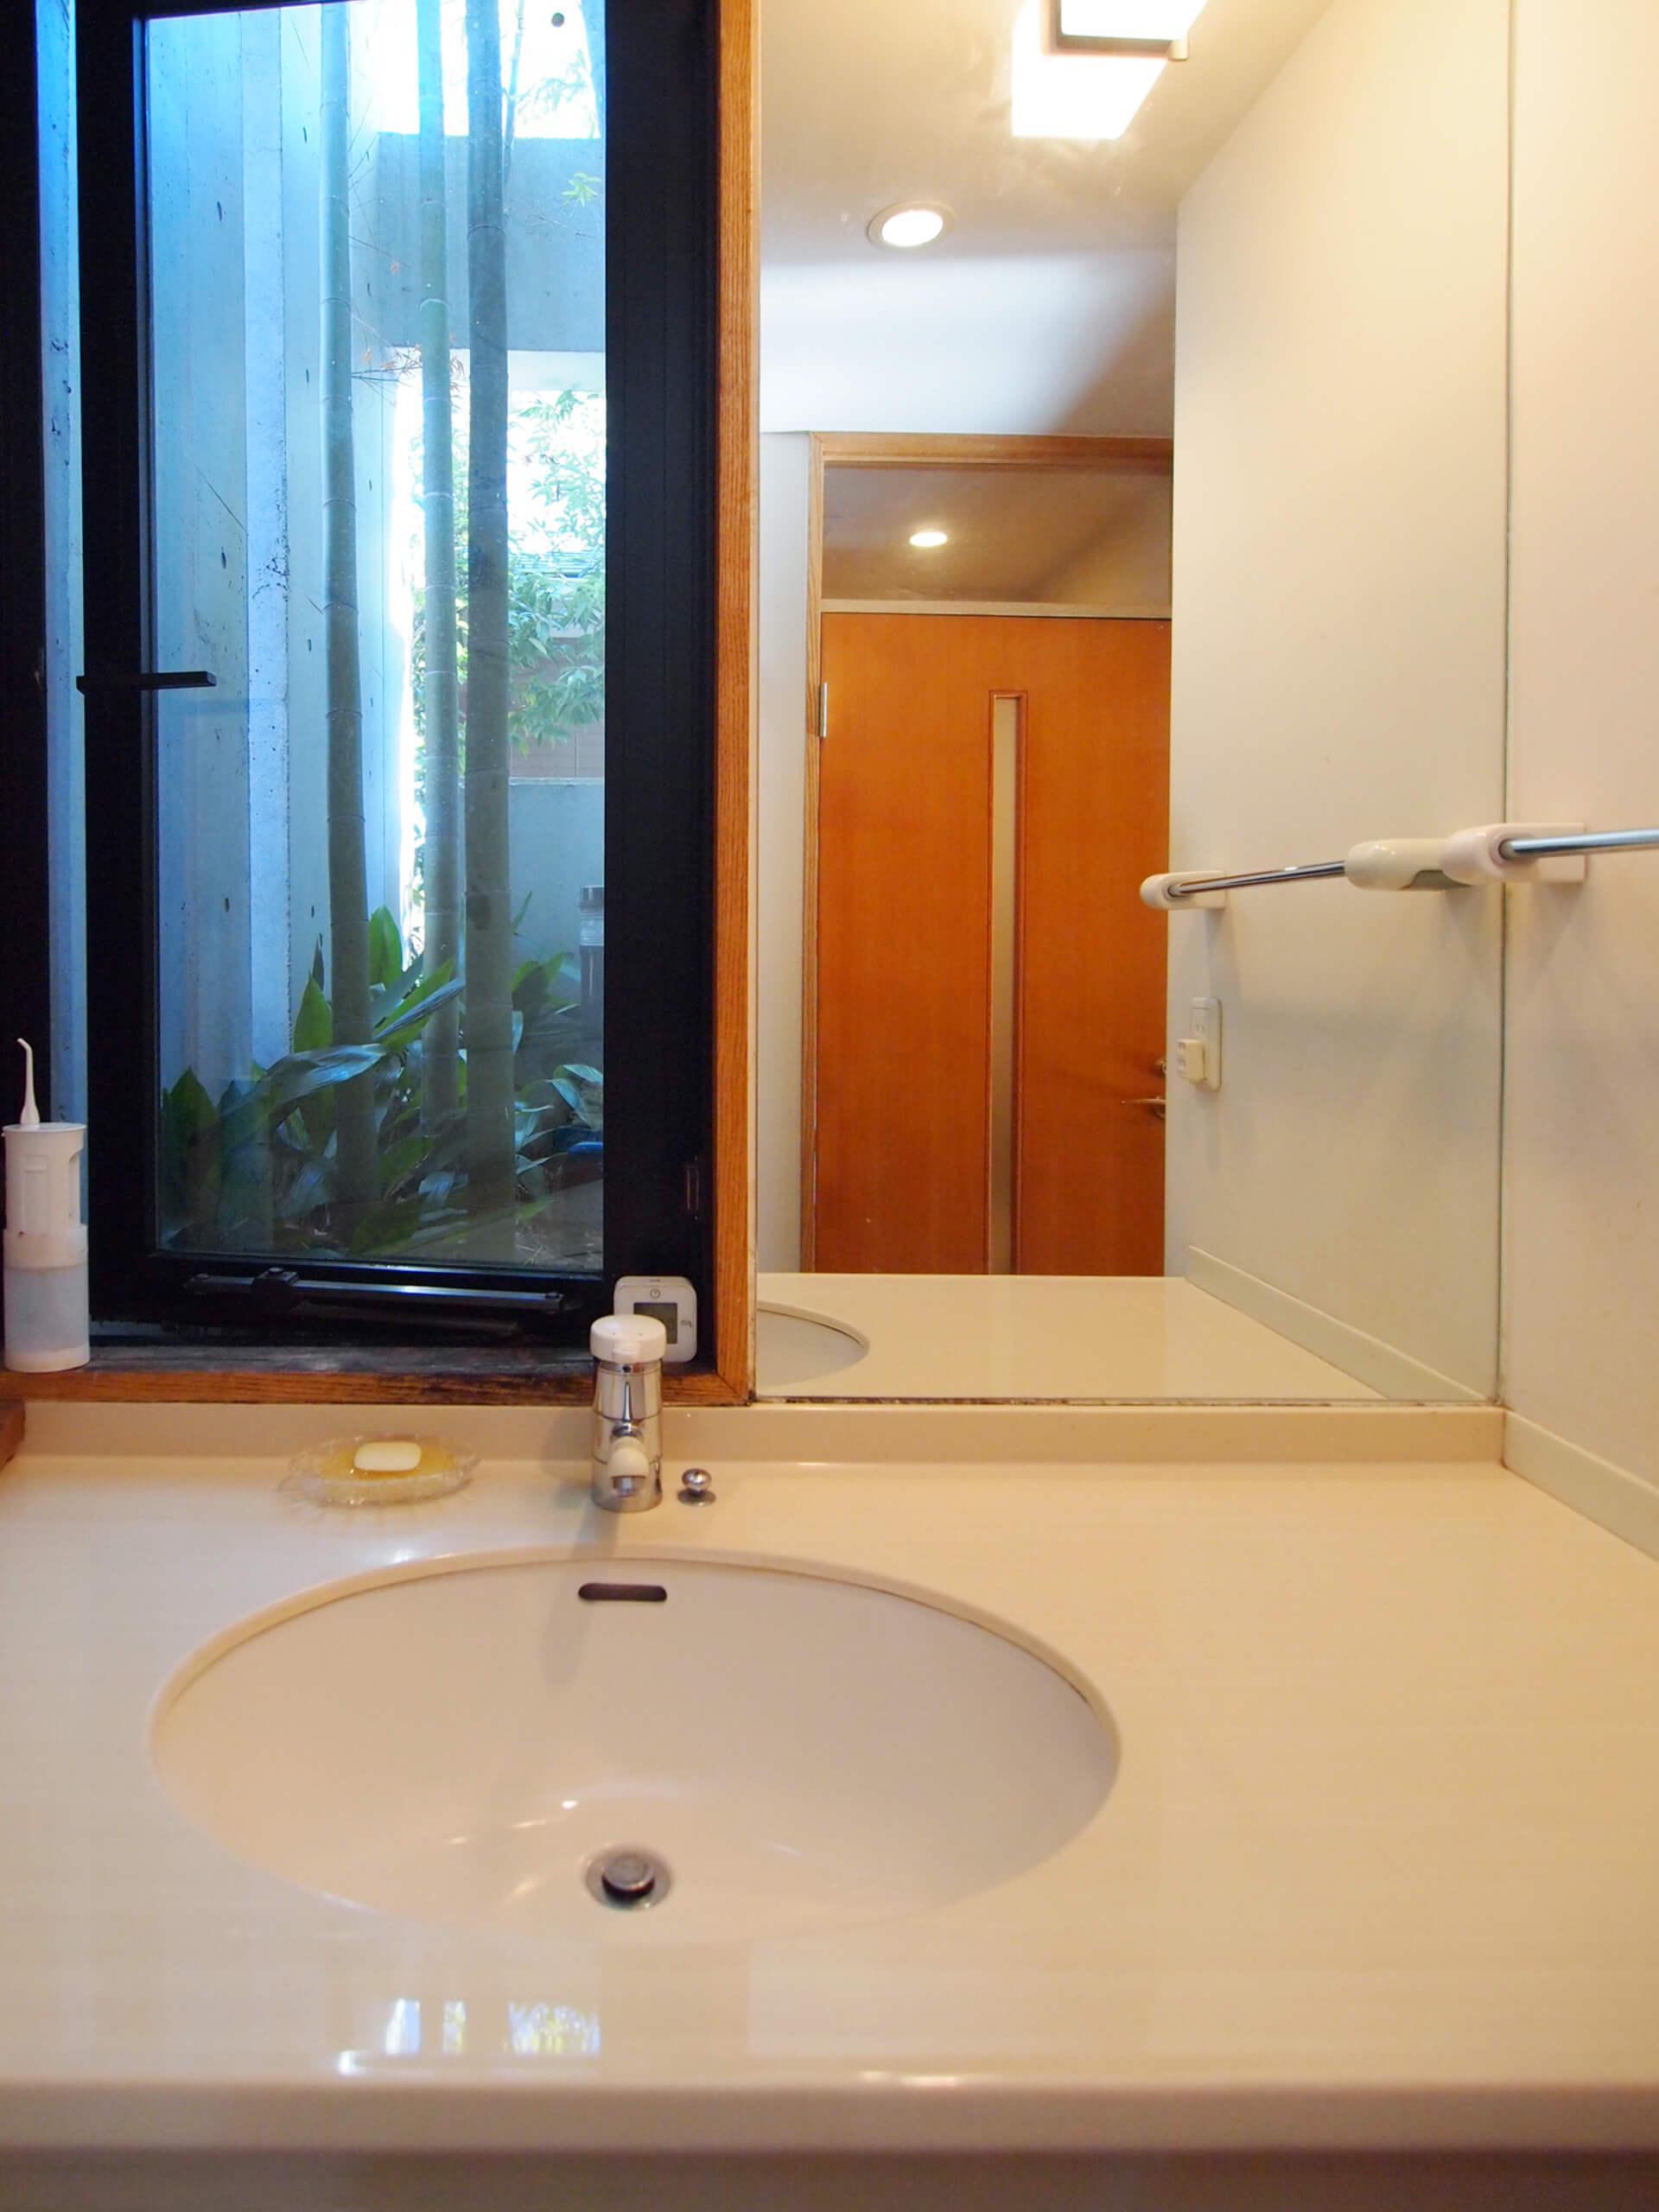 【北側】キッチンの先にある洗面室。窓の外は竹が茂る